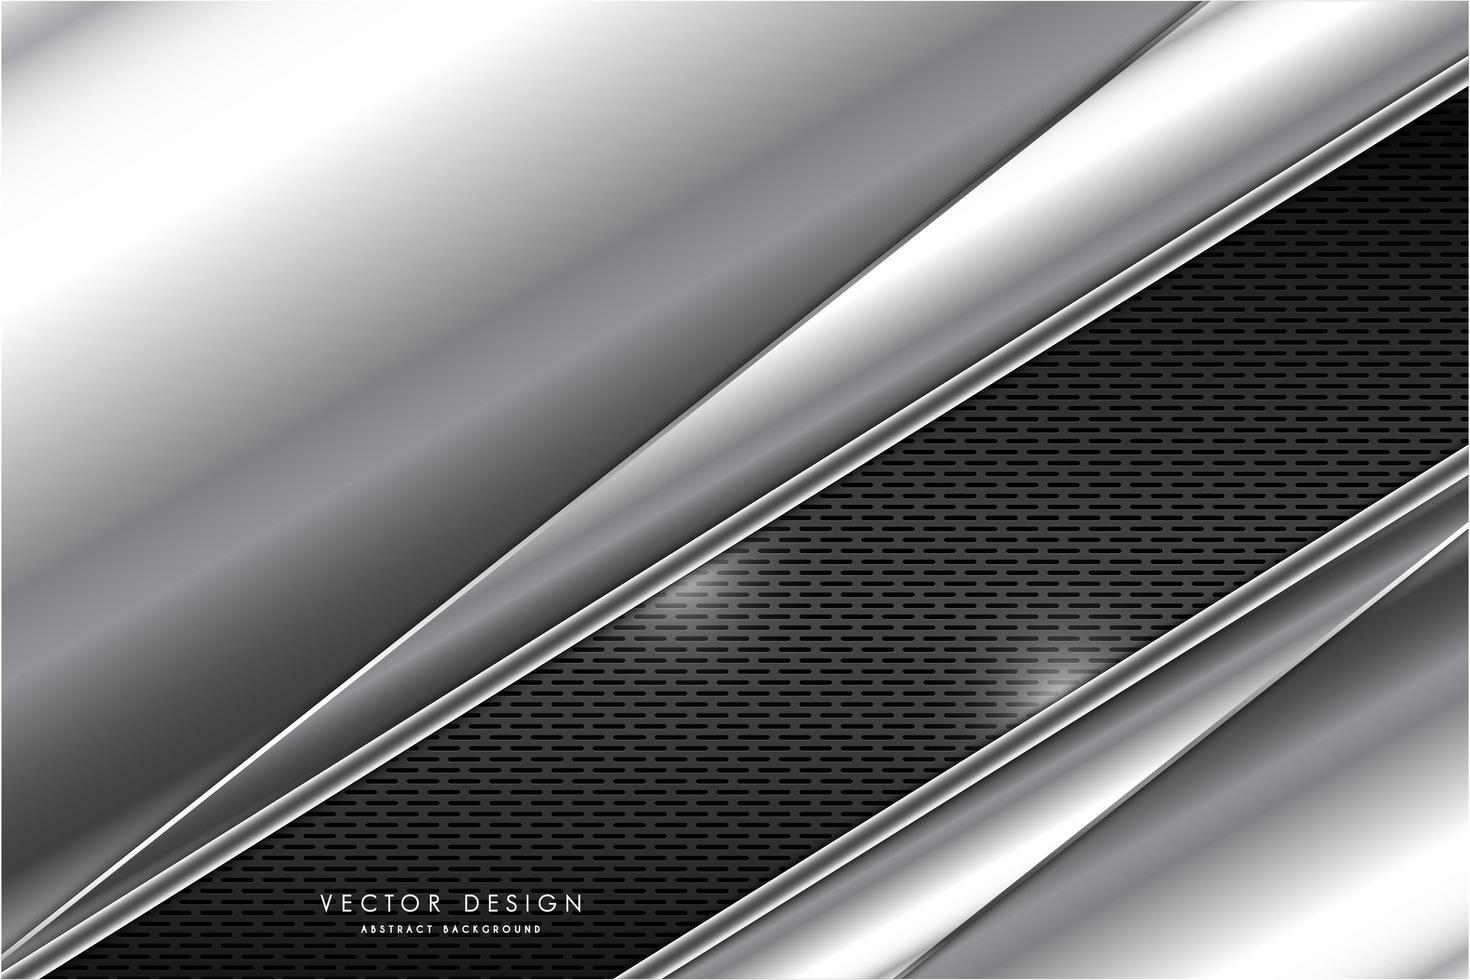 Metallic Silber abgewinkelte Platten über graue Rost Textur vektor